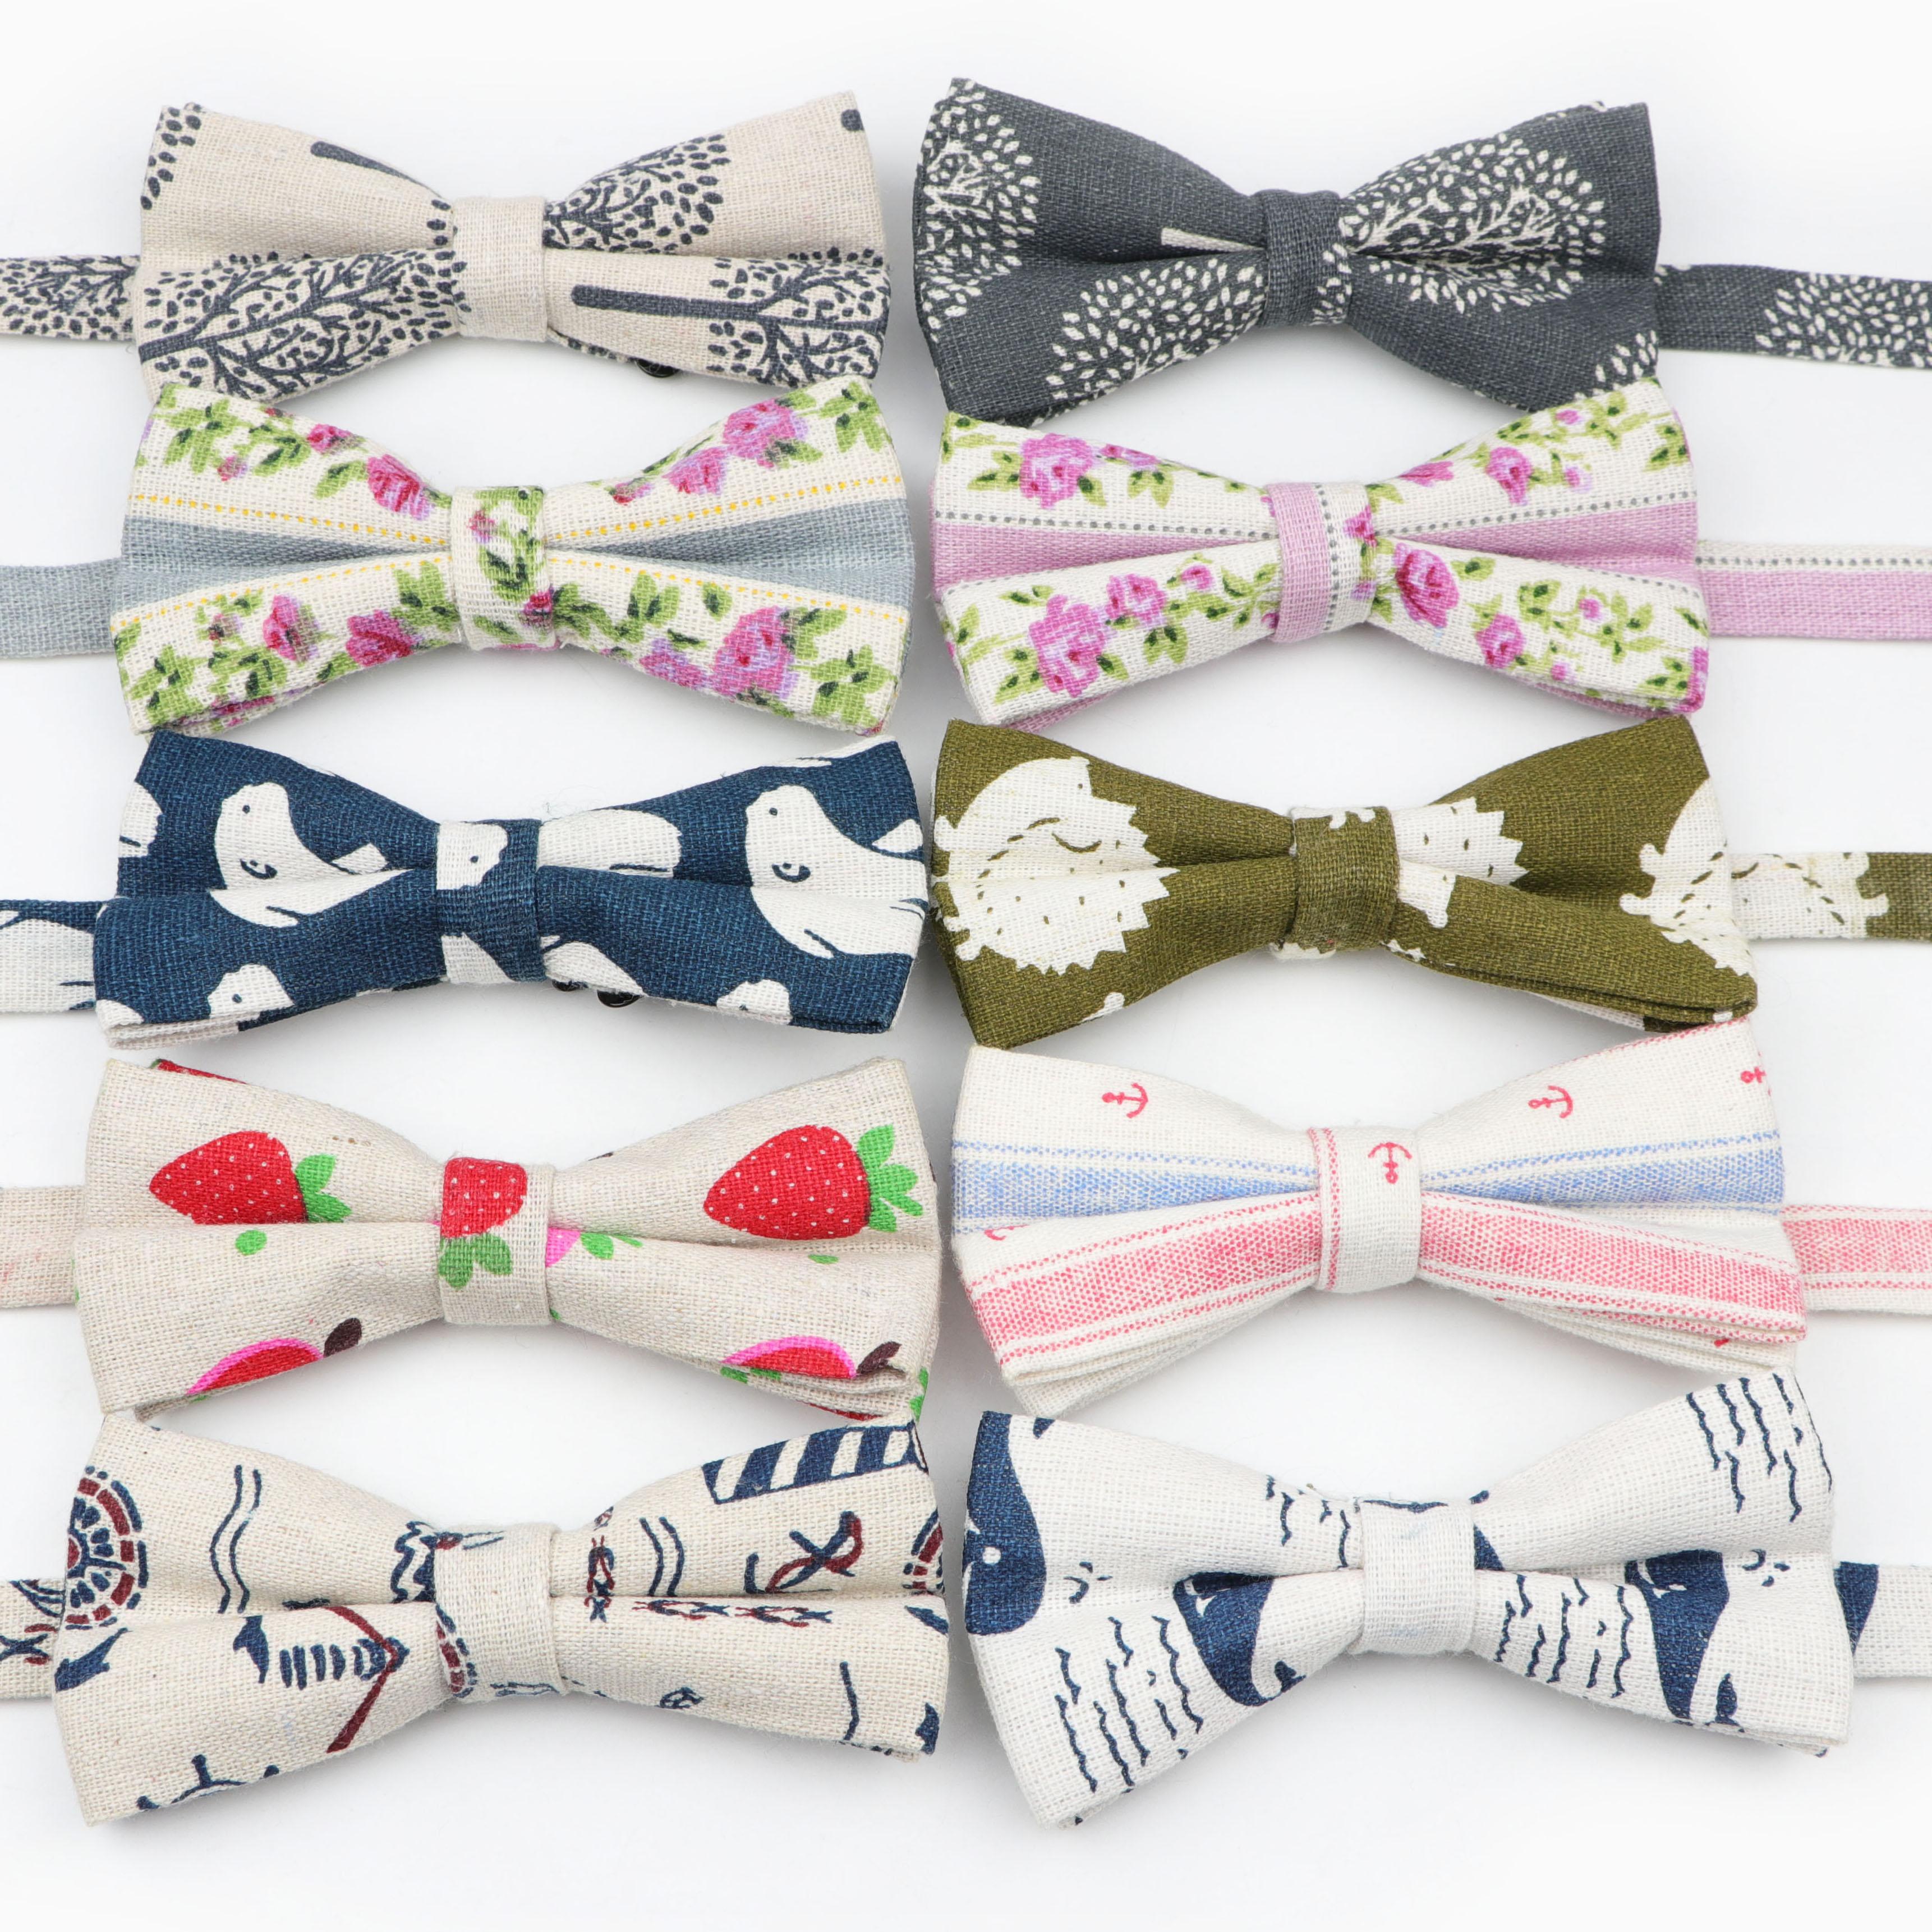 Lawny-nœud papillon en lin coton   Cravate lisse, motif décoratif motif papillon coloré, pour femmes hommes